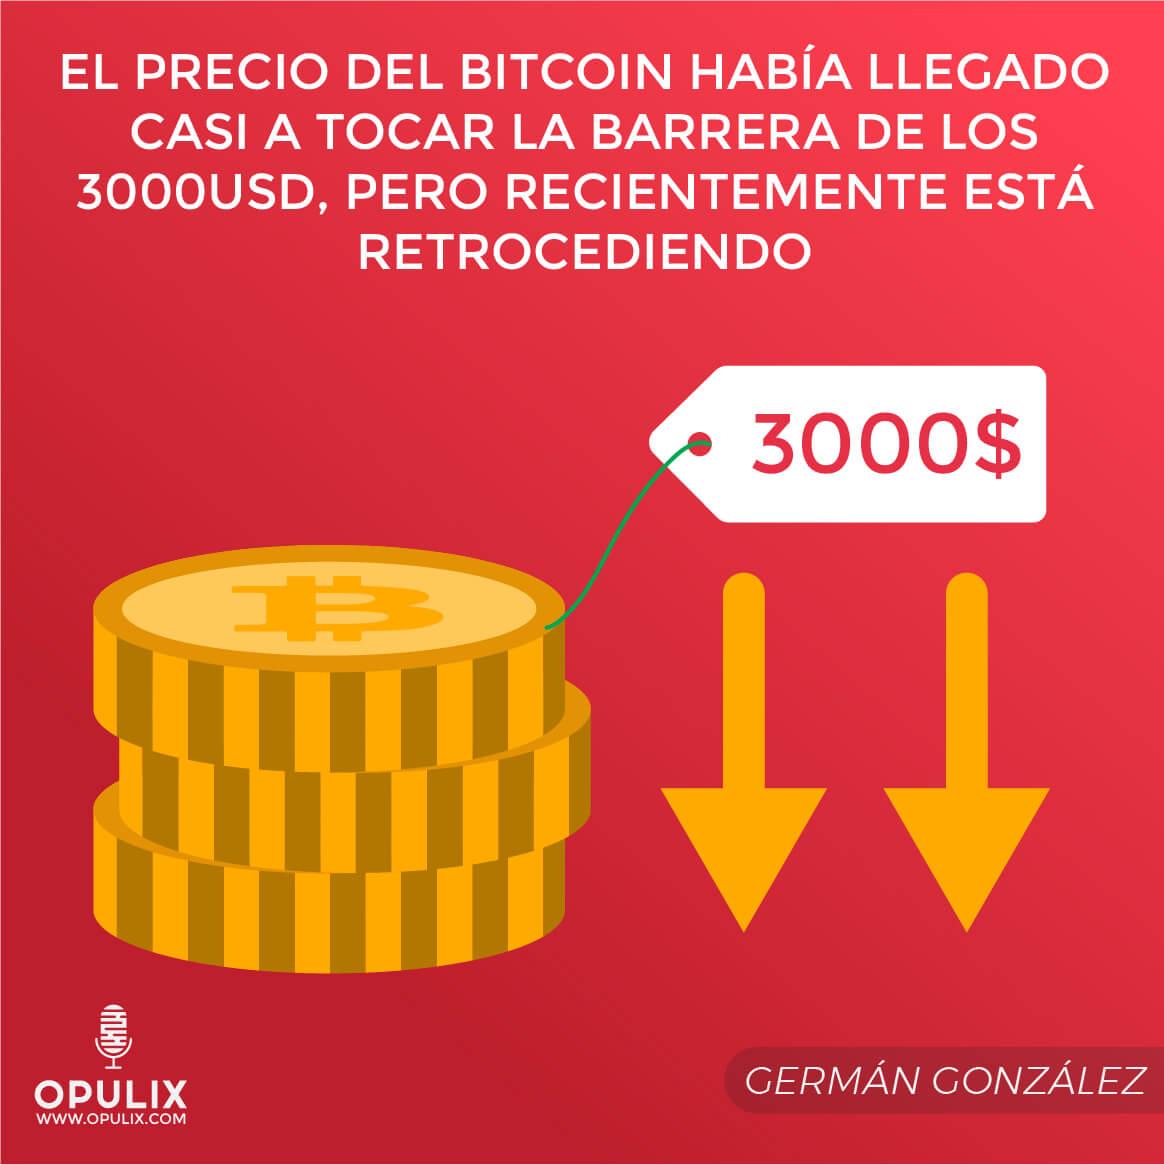 ¿Qué es minar BitCoin?